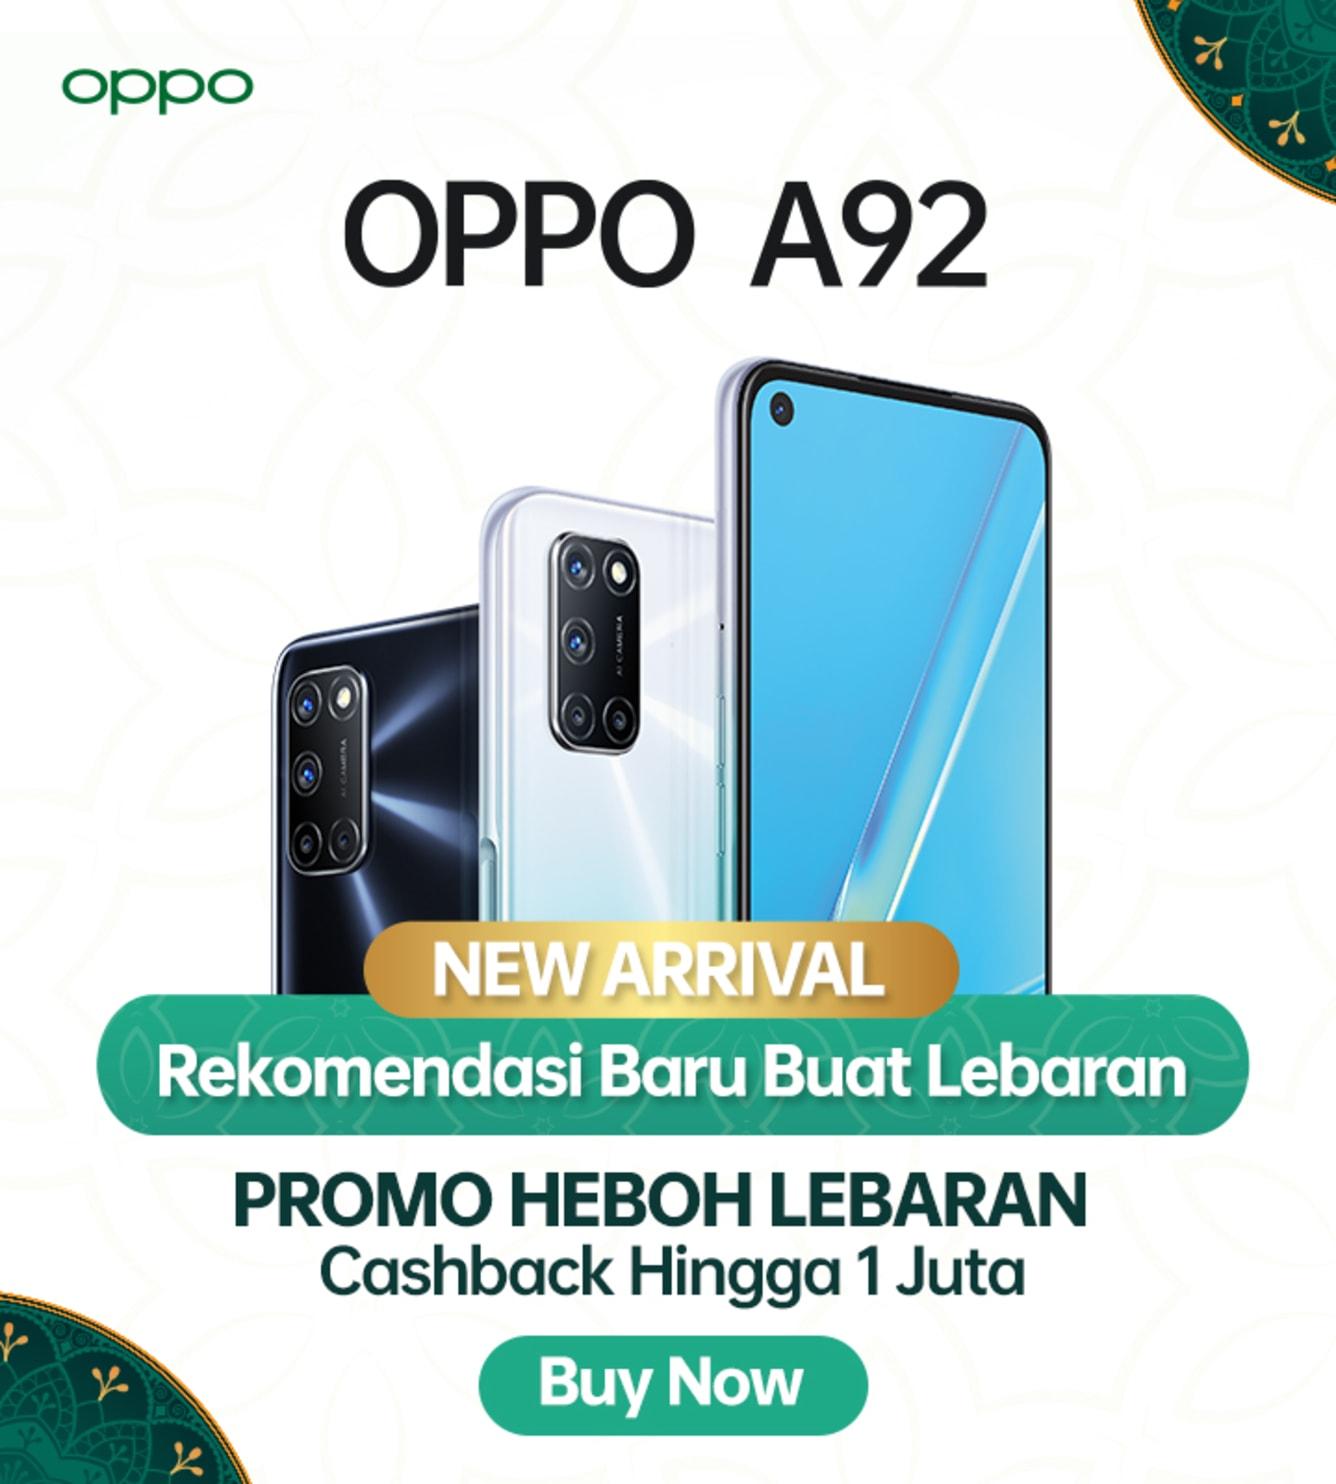 Week 22 - Promo OPPO